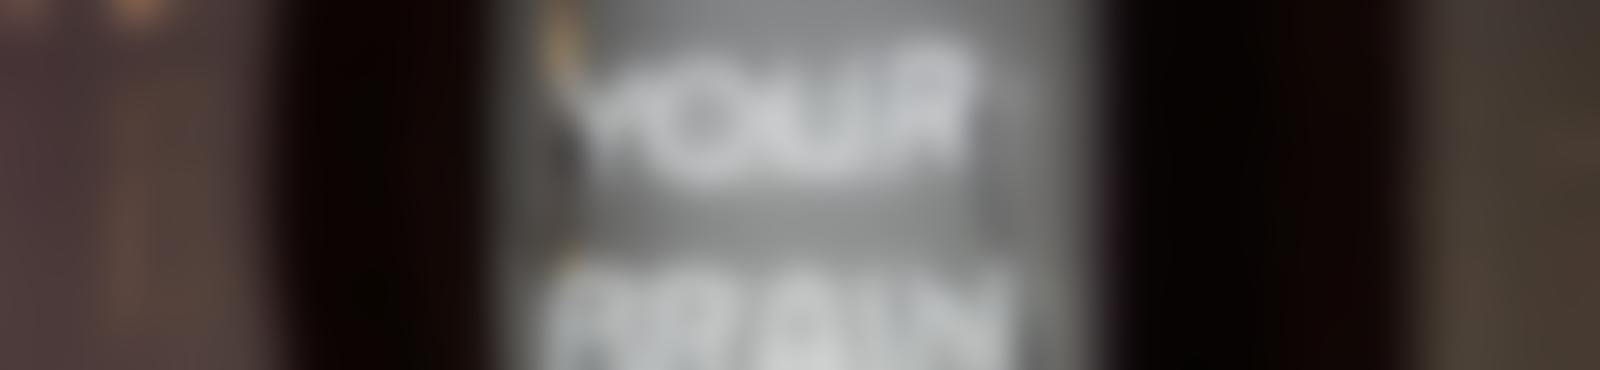 Blurred 04f808a7 c8da 4a29 a497 901403b6d967